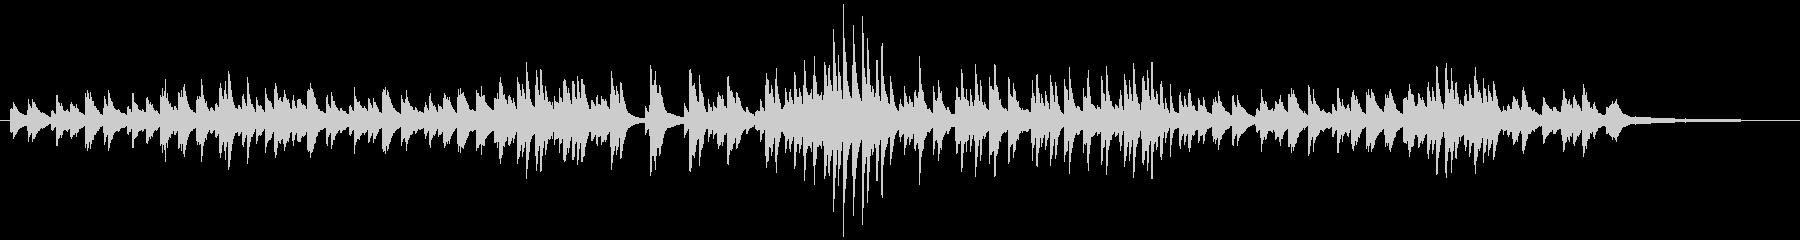 アラフォー応援ソング(ピアノソロ)の未再生の波形